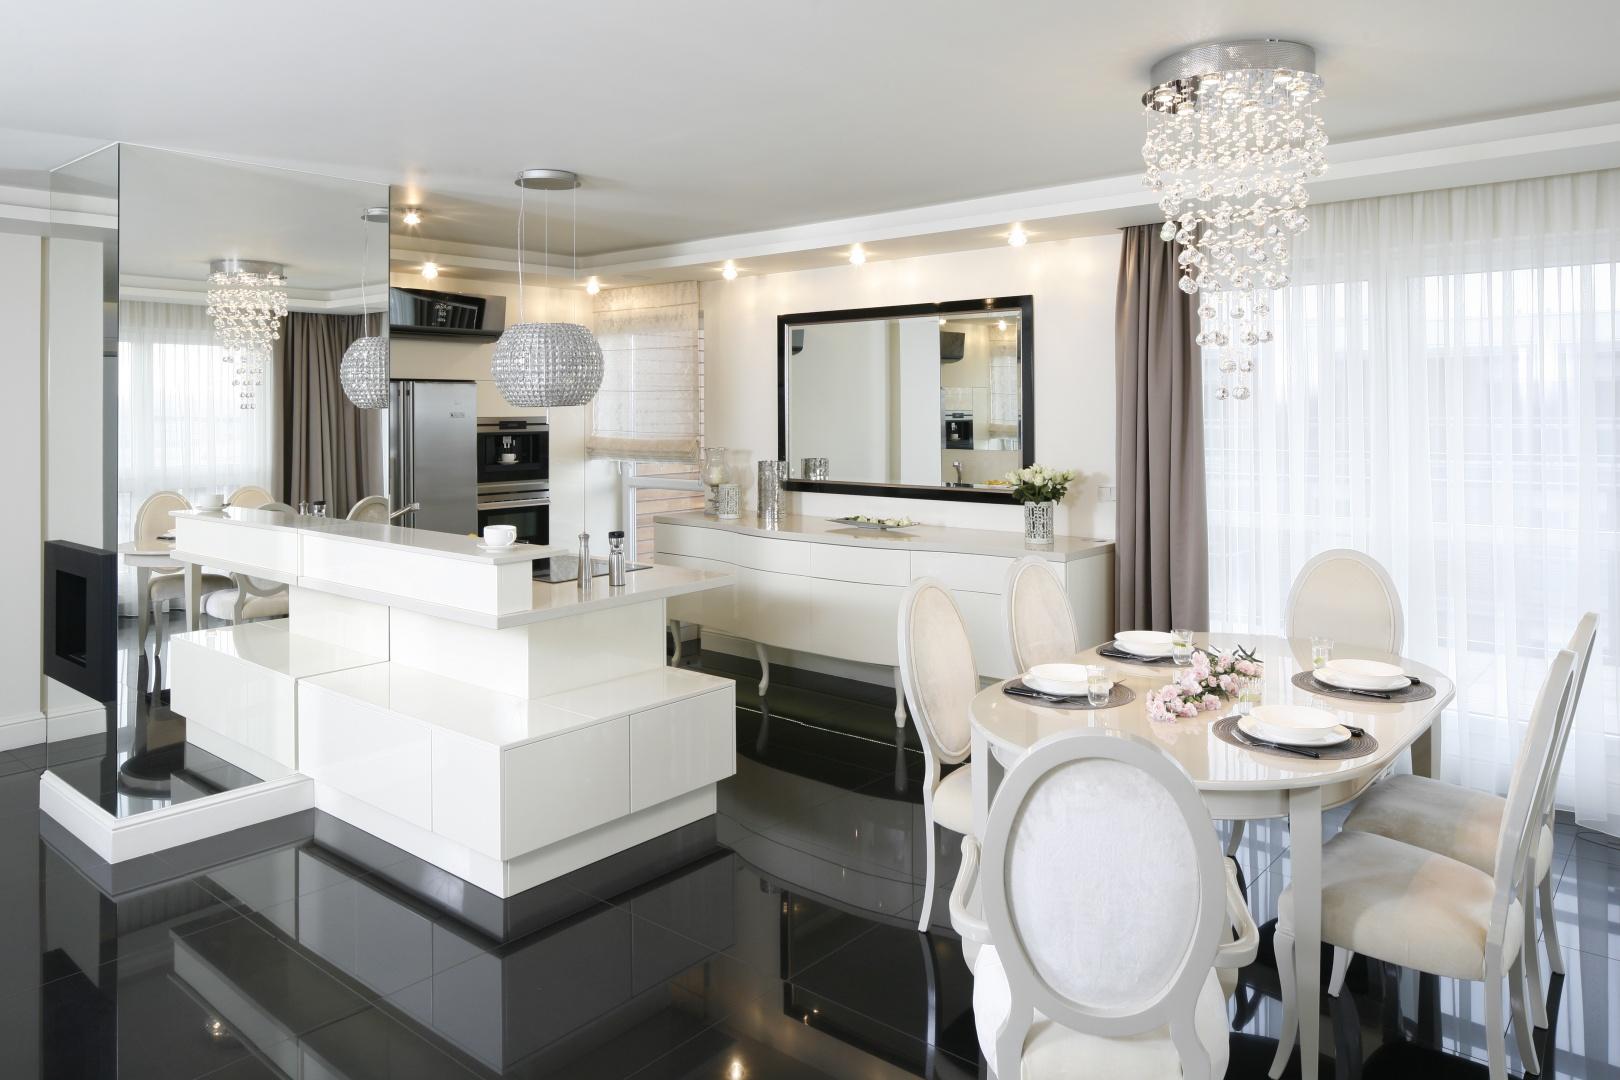 W tym eleganckim salonie lustra zostosowano z rozmachem, m.in. jako wykończenie fragmentów ścian i obudowy. Projekt: Katarzyna Uszok. Fot. Bartosz Jarosz